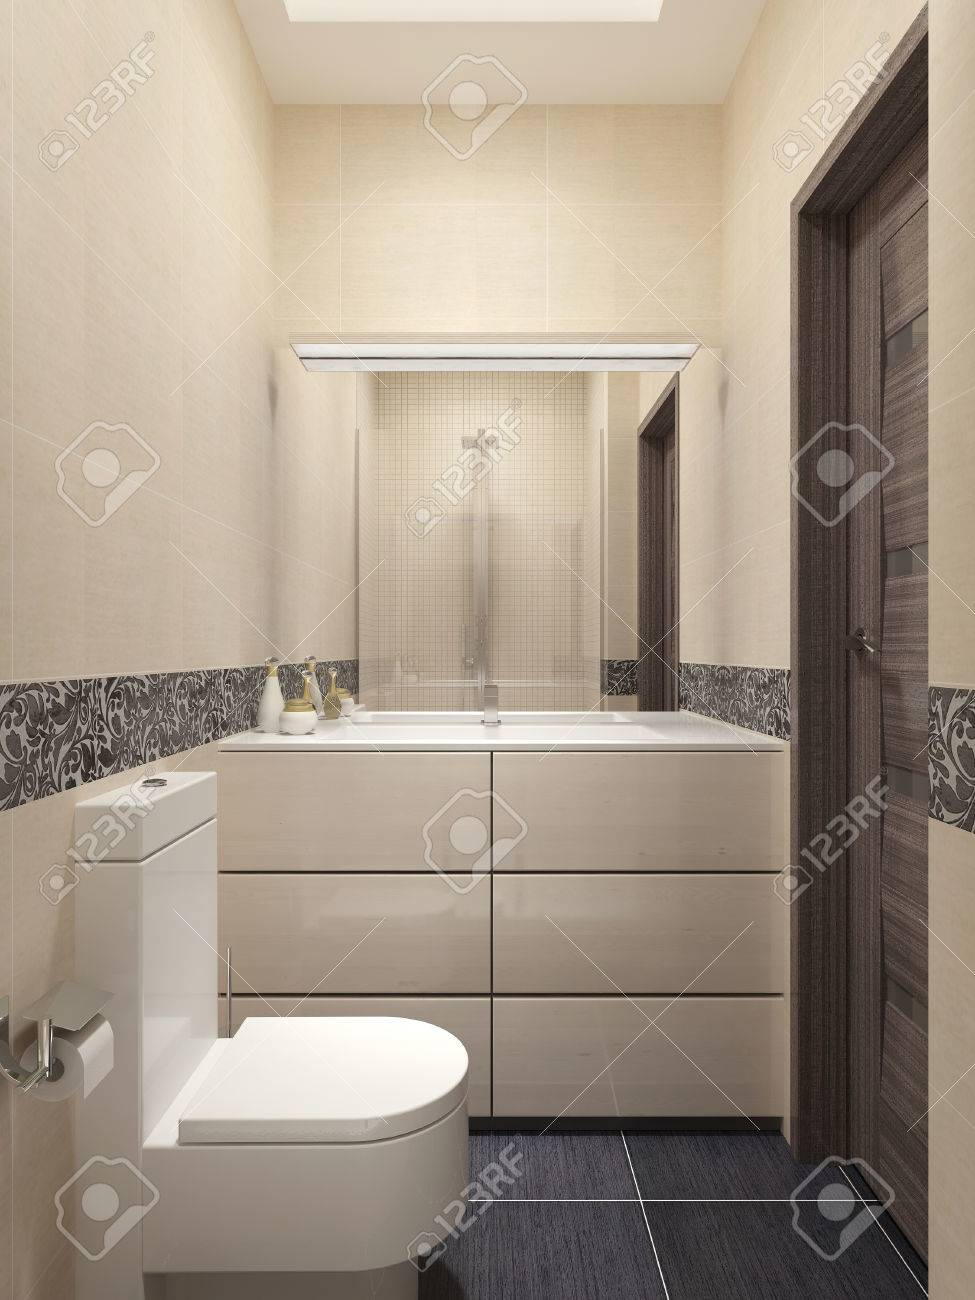 Gäste-WC In Modernem Stil. 3D-Visualisierung Lizenzfreie Fotos ...